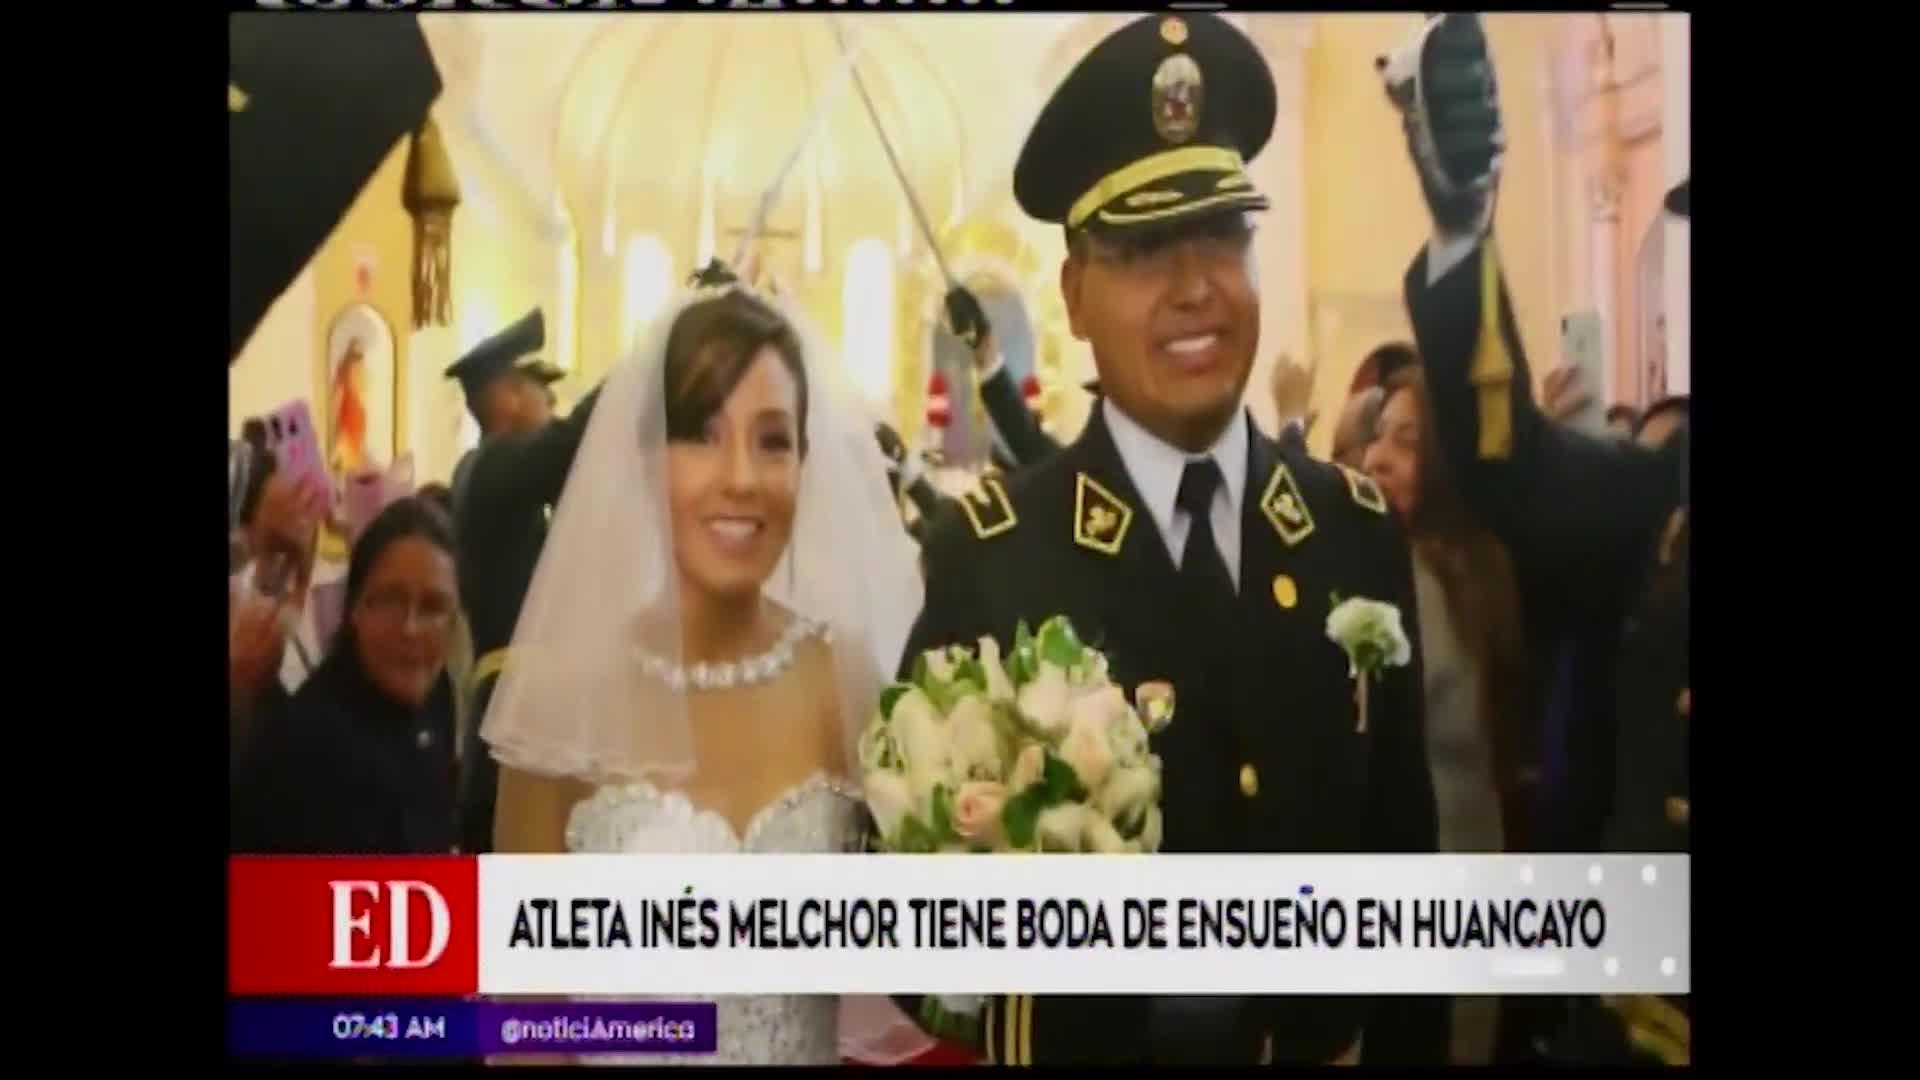 La atleta Inés Melchor se casó en Huancayo